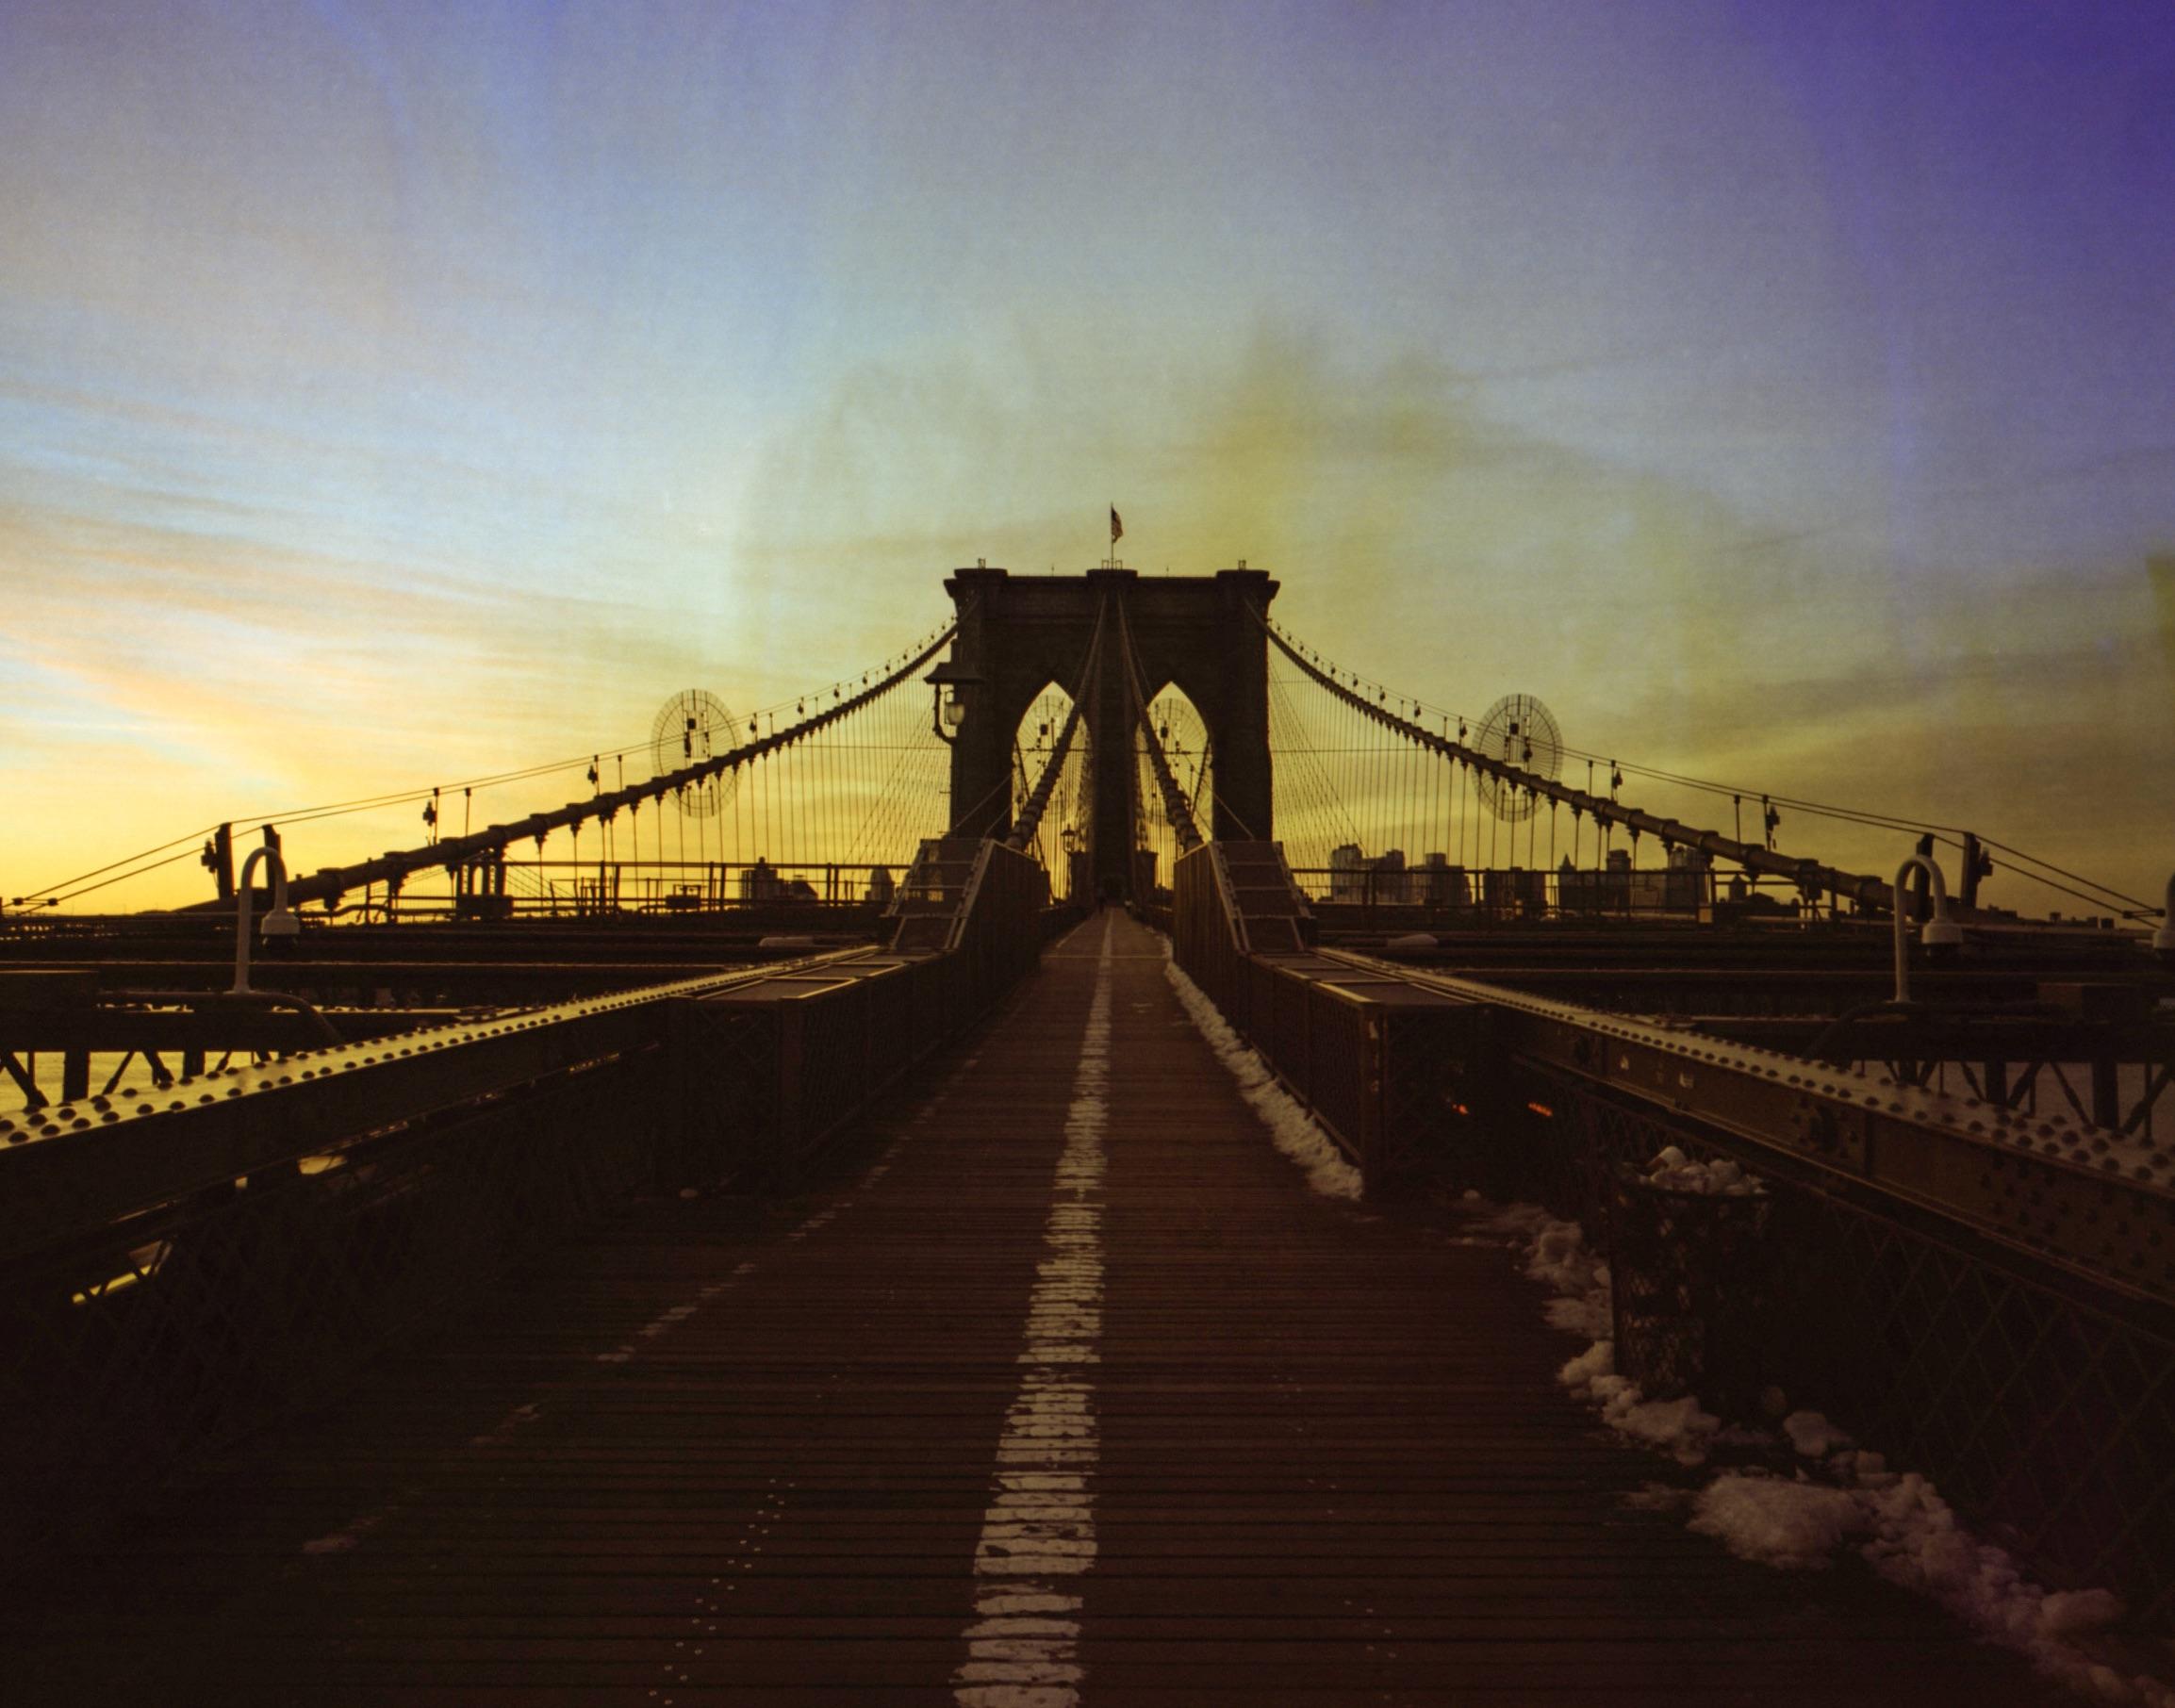 ролях фотографировать рассвет с моста посуточной аренде недорогих